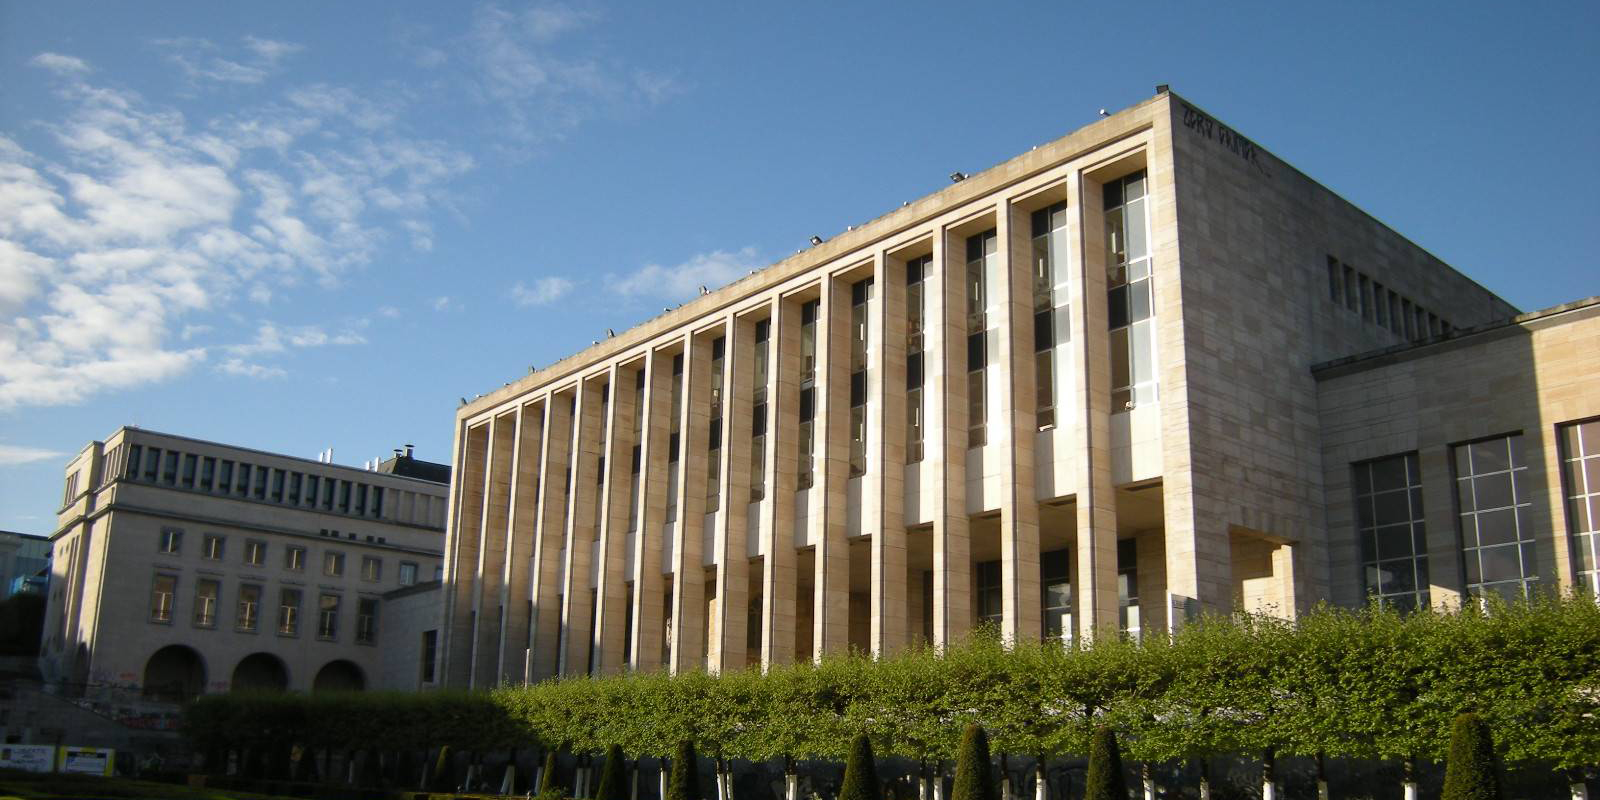 Bilbliothèque royale de Belgique